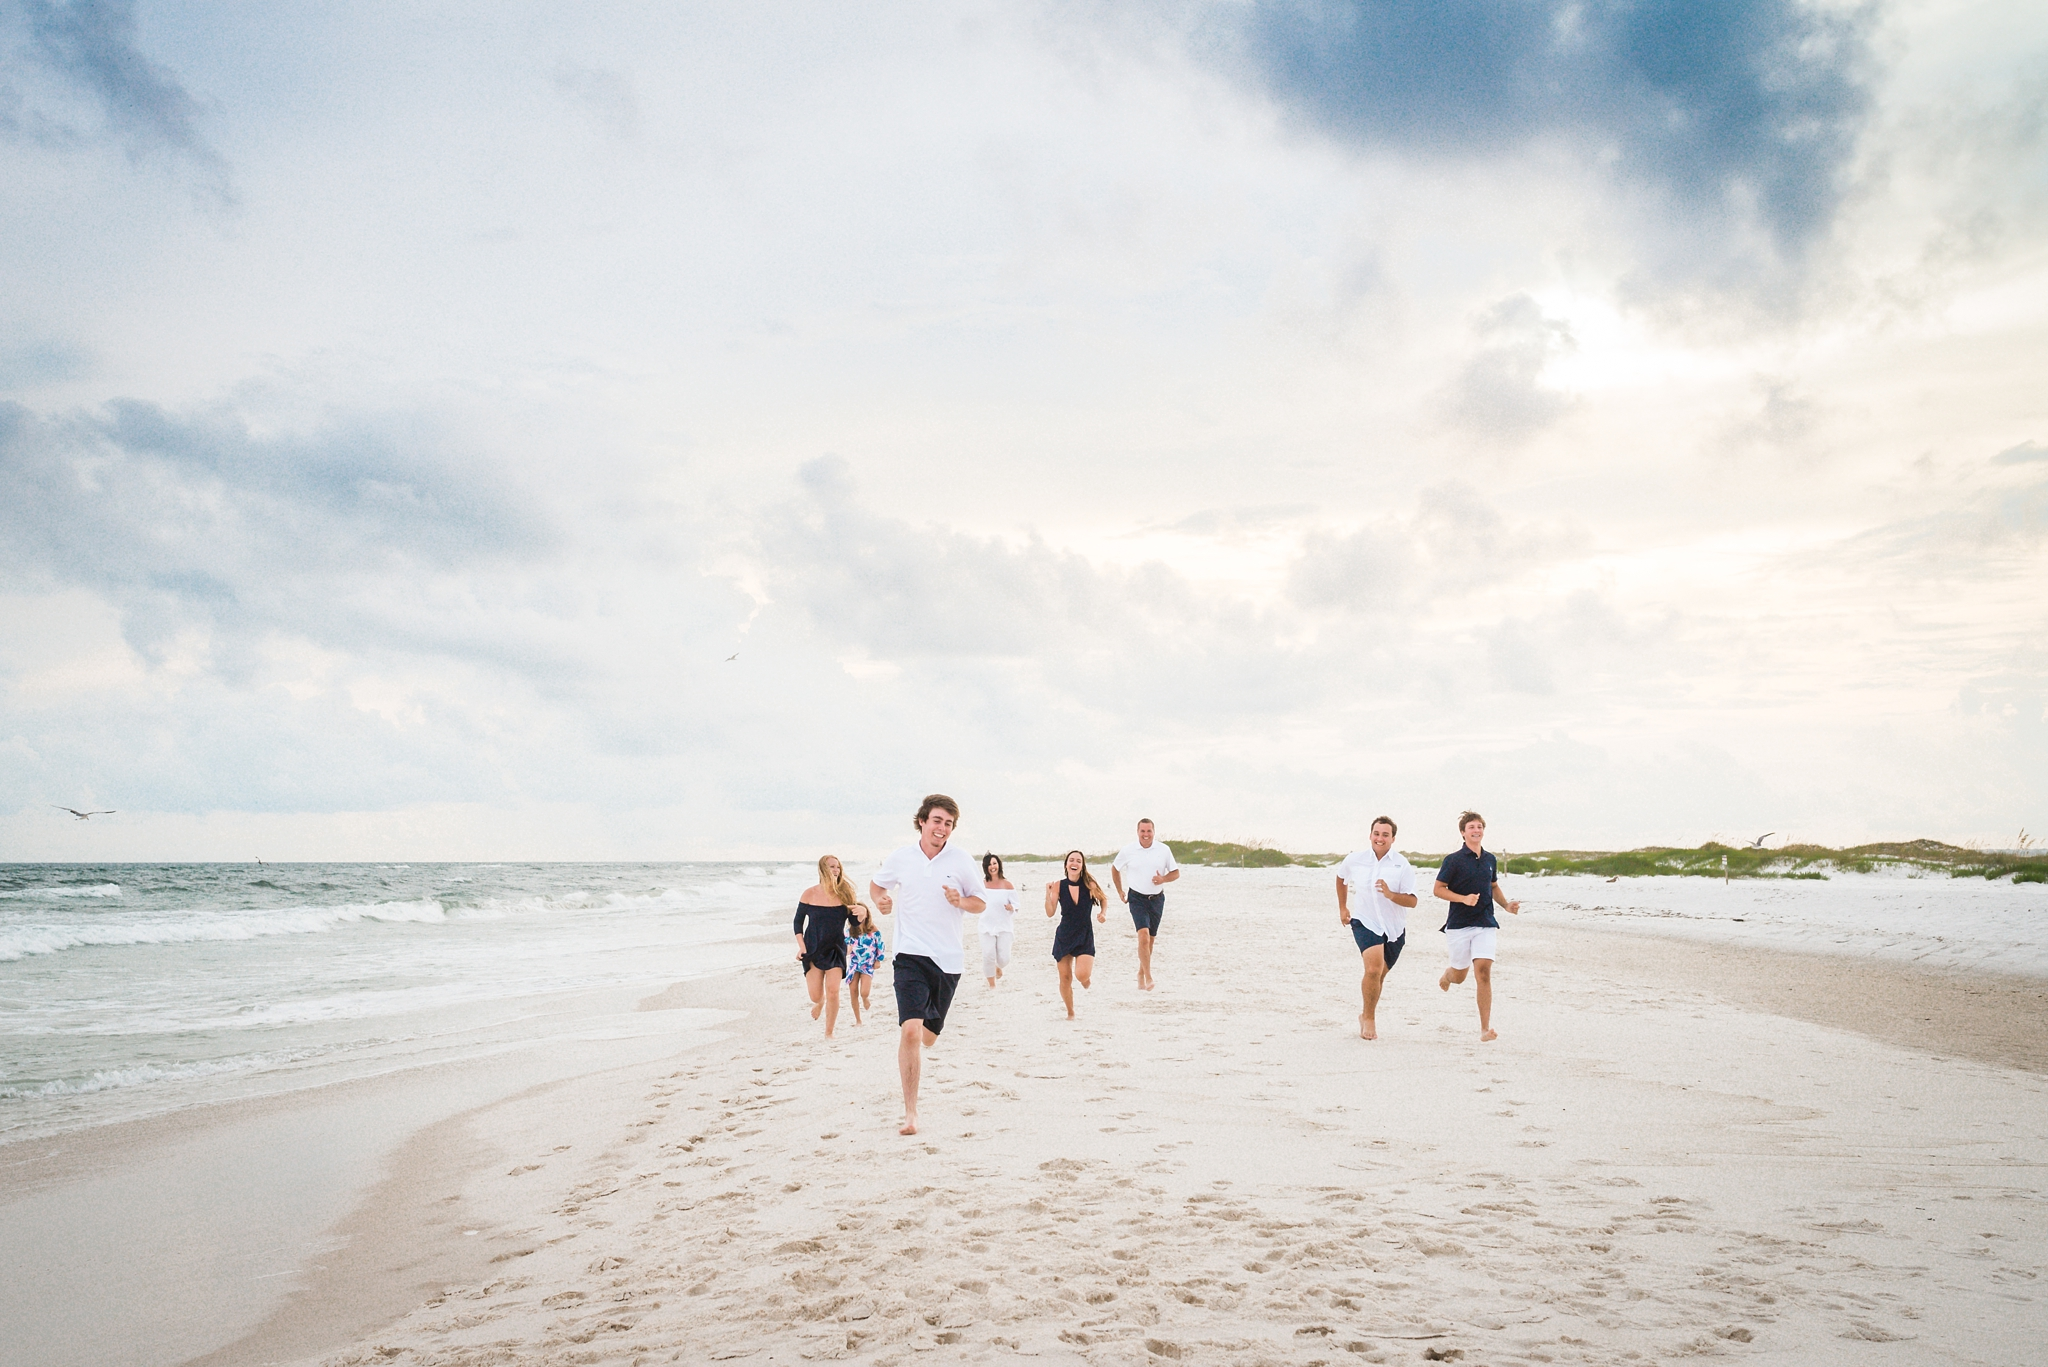 pensacola-beach-family-vacation